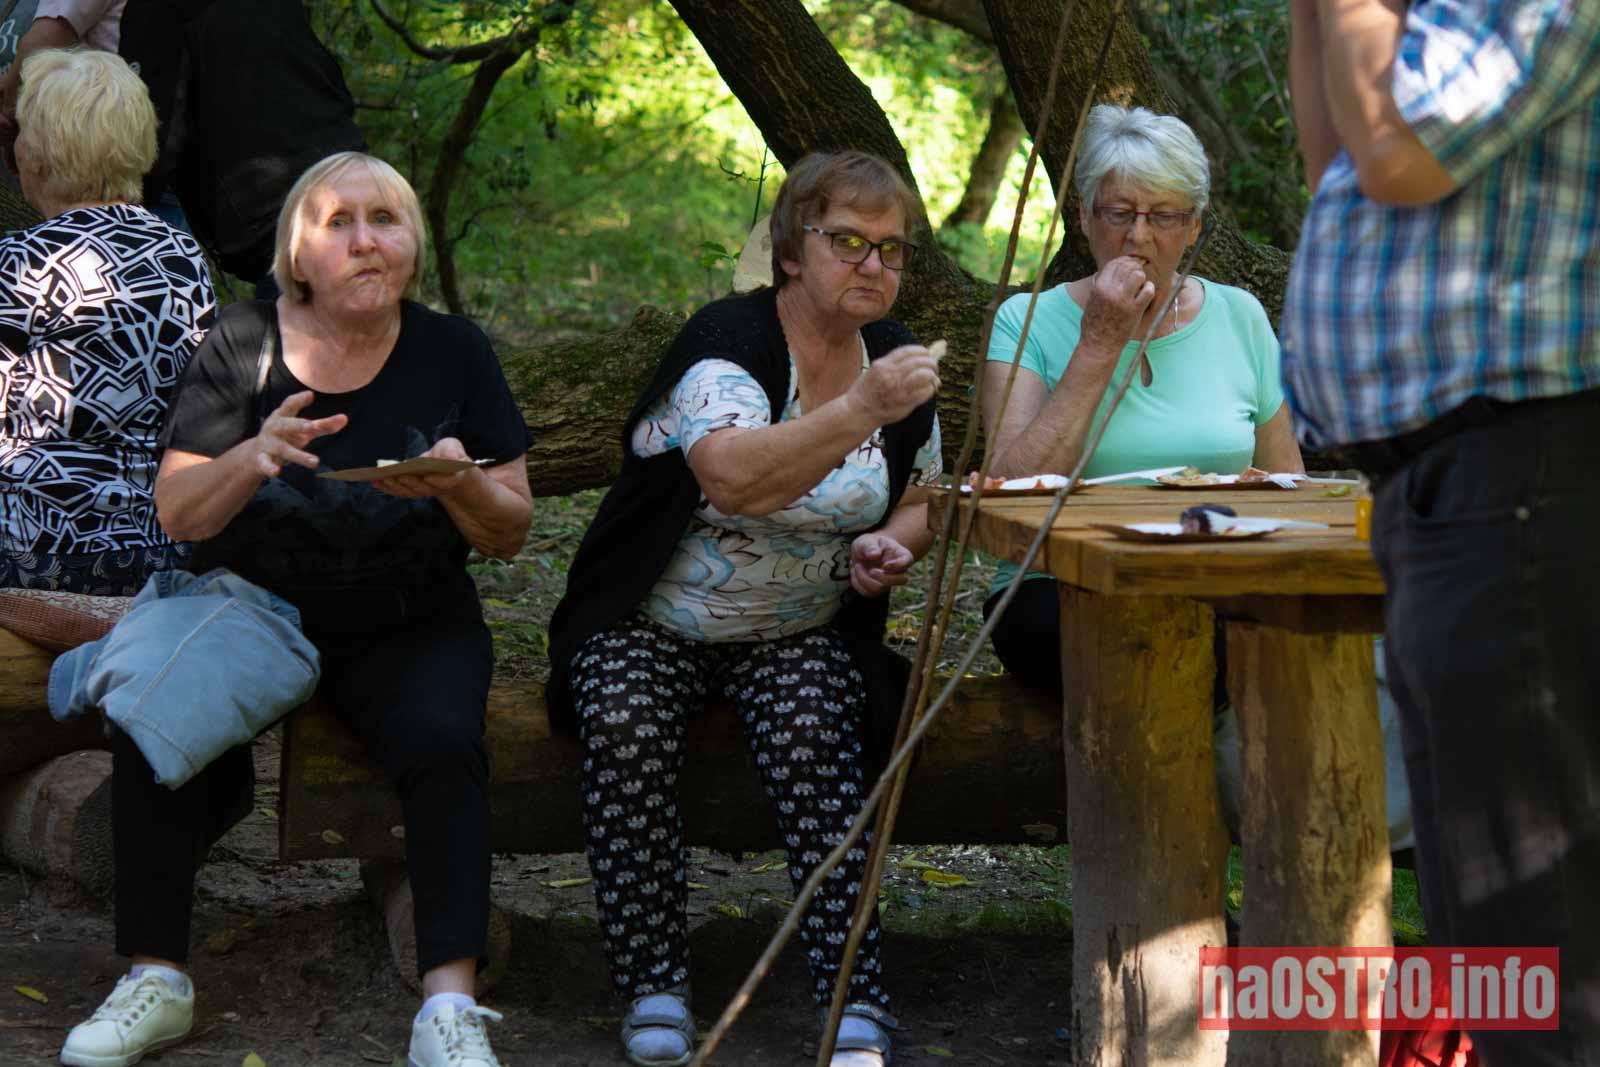 NaOSTROinfo Festyn pod kamieniem Szewna-20